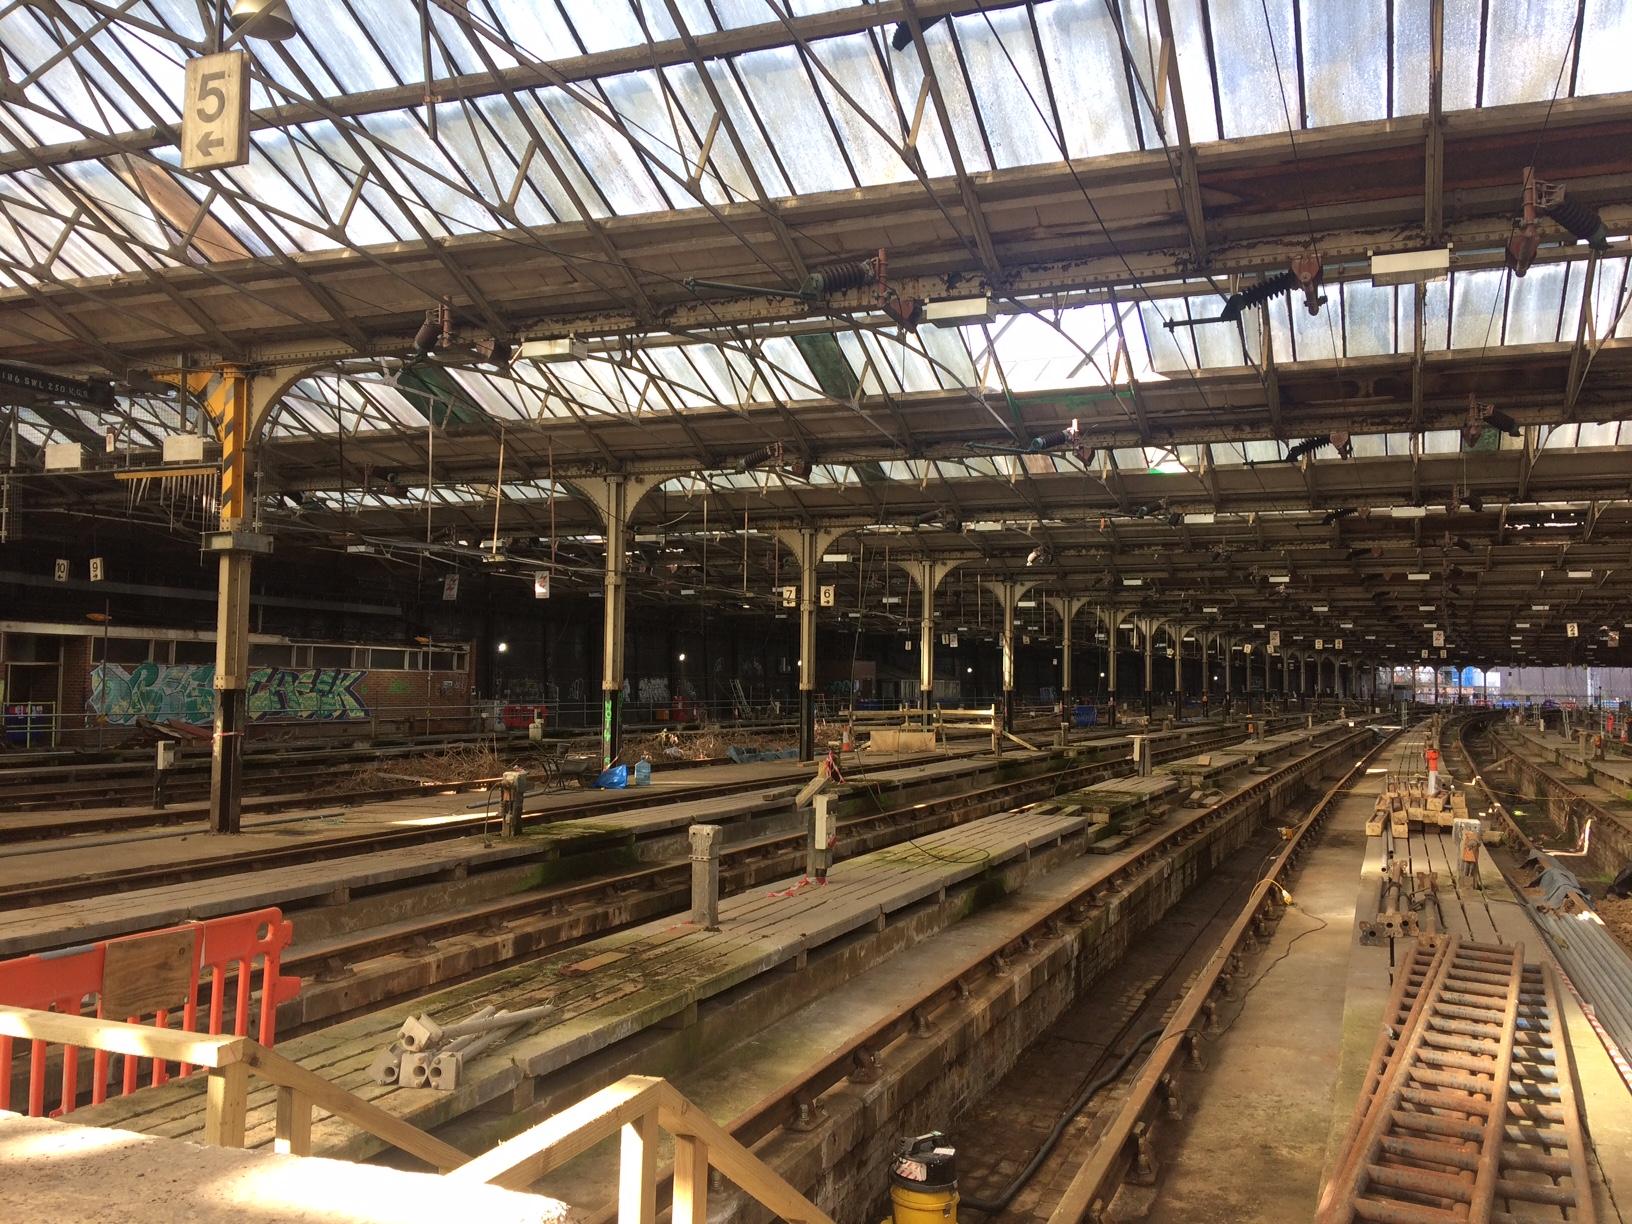 Uk Hs2 Completes Euston Station Demolition Works